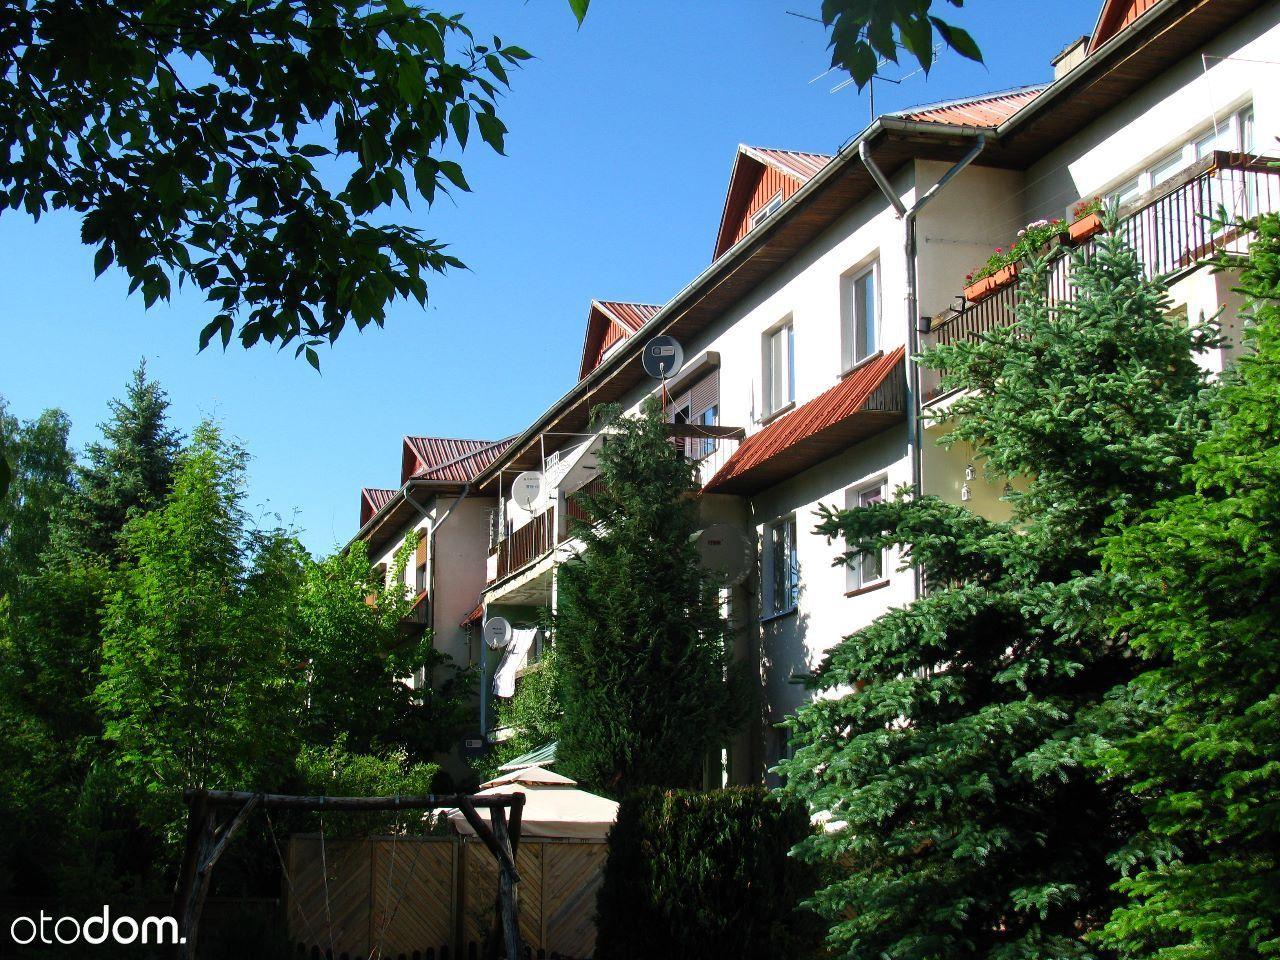 Mieszkanie na sprzedaż, Międzychód, międzychodzki, wielkopolskie - Foto 1